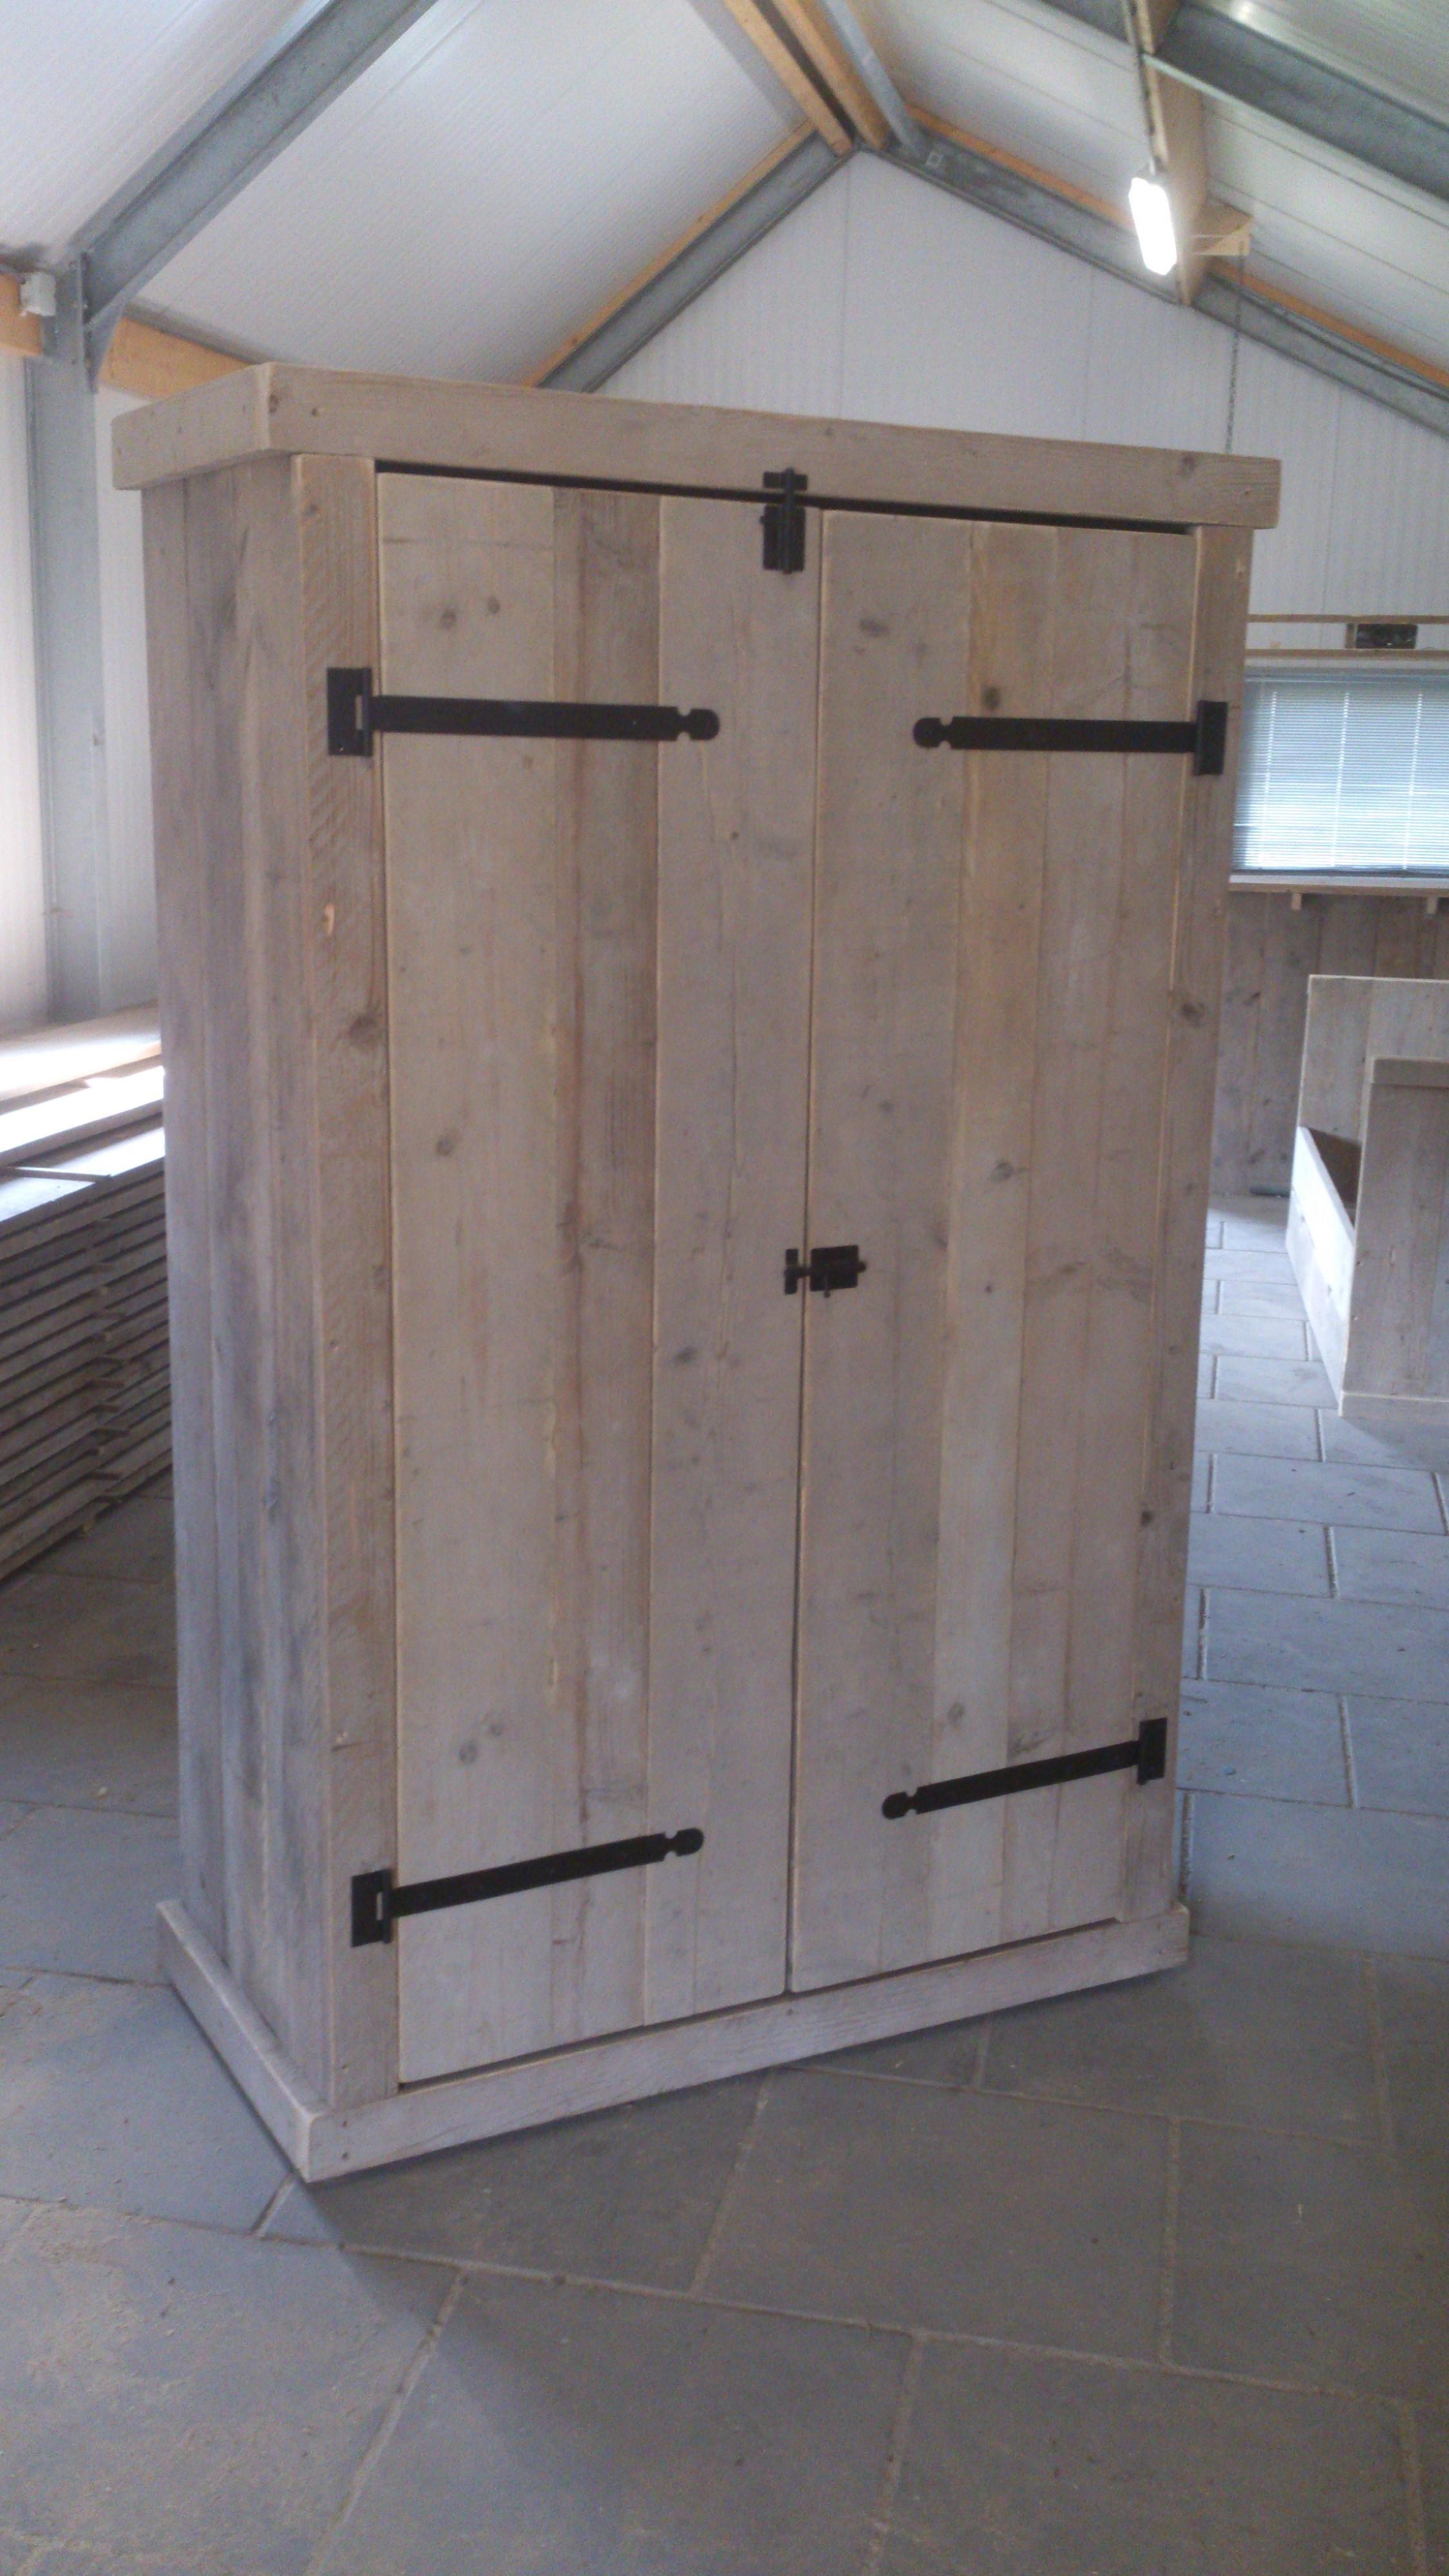 Steigerhouten kledingkast de bruin steigerplanken for Steigerhouten kledingkast